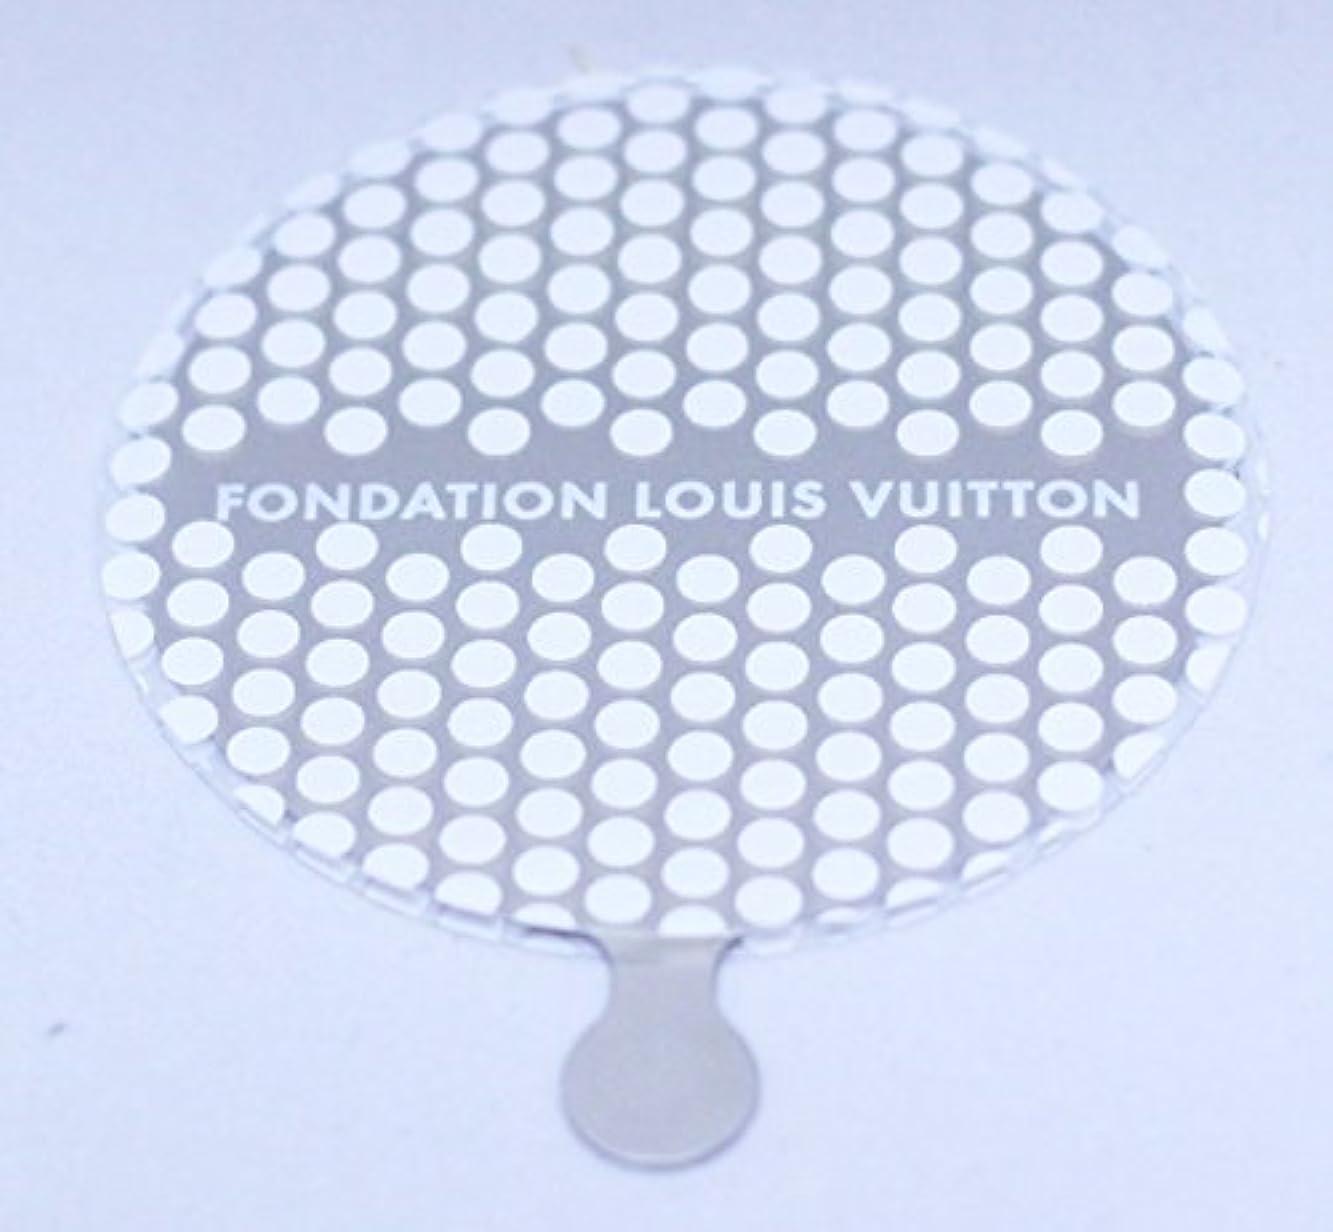 電極ポット目的ルイヴィトン財団 美術館 限定 FONDATION LOUIS VUITTON ハンドミラー [並行輸入品]